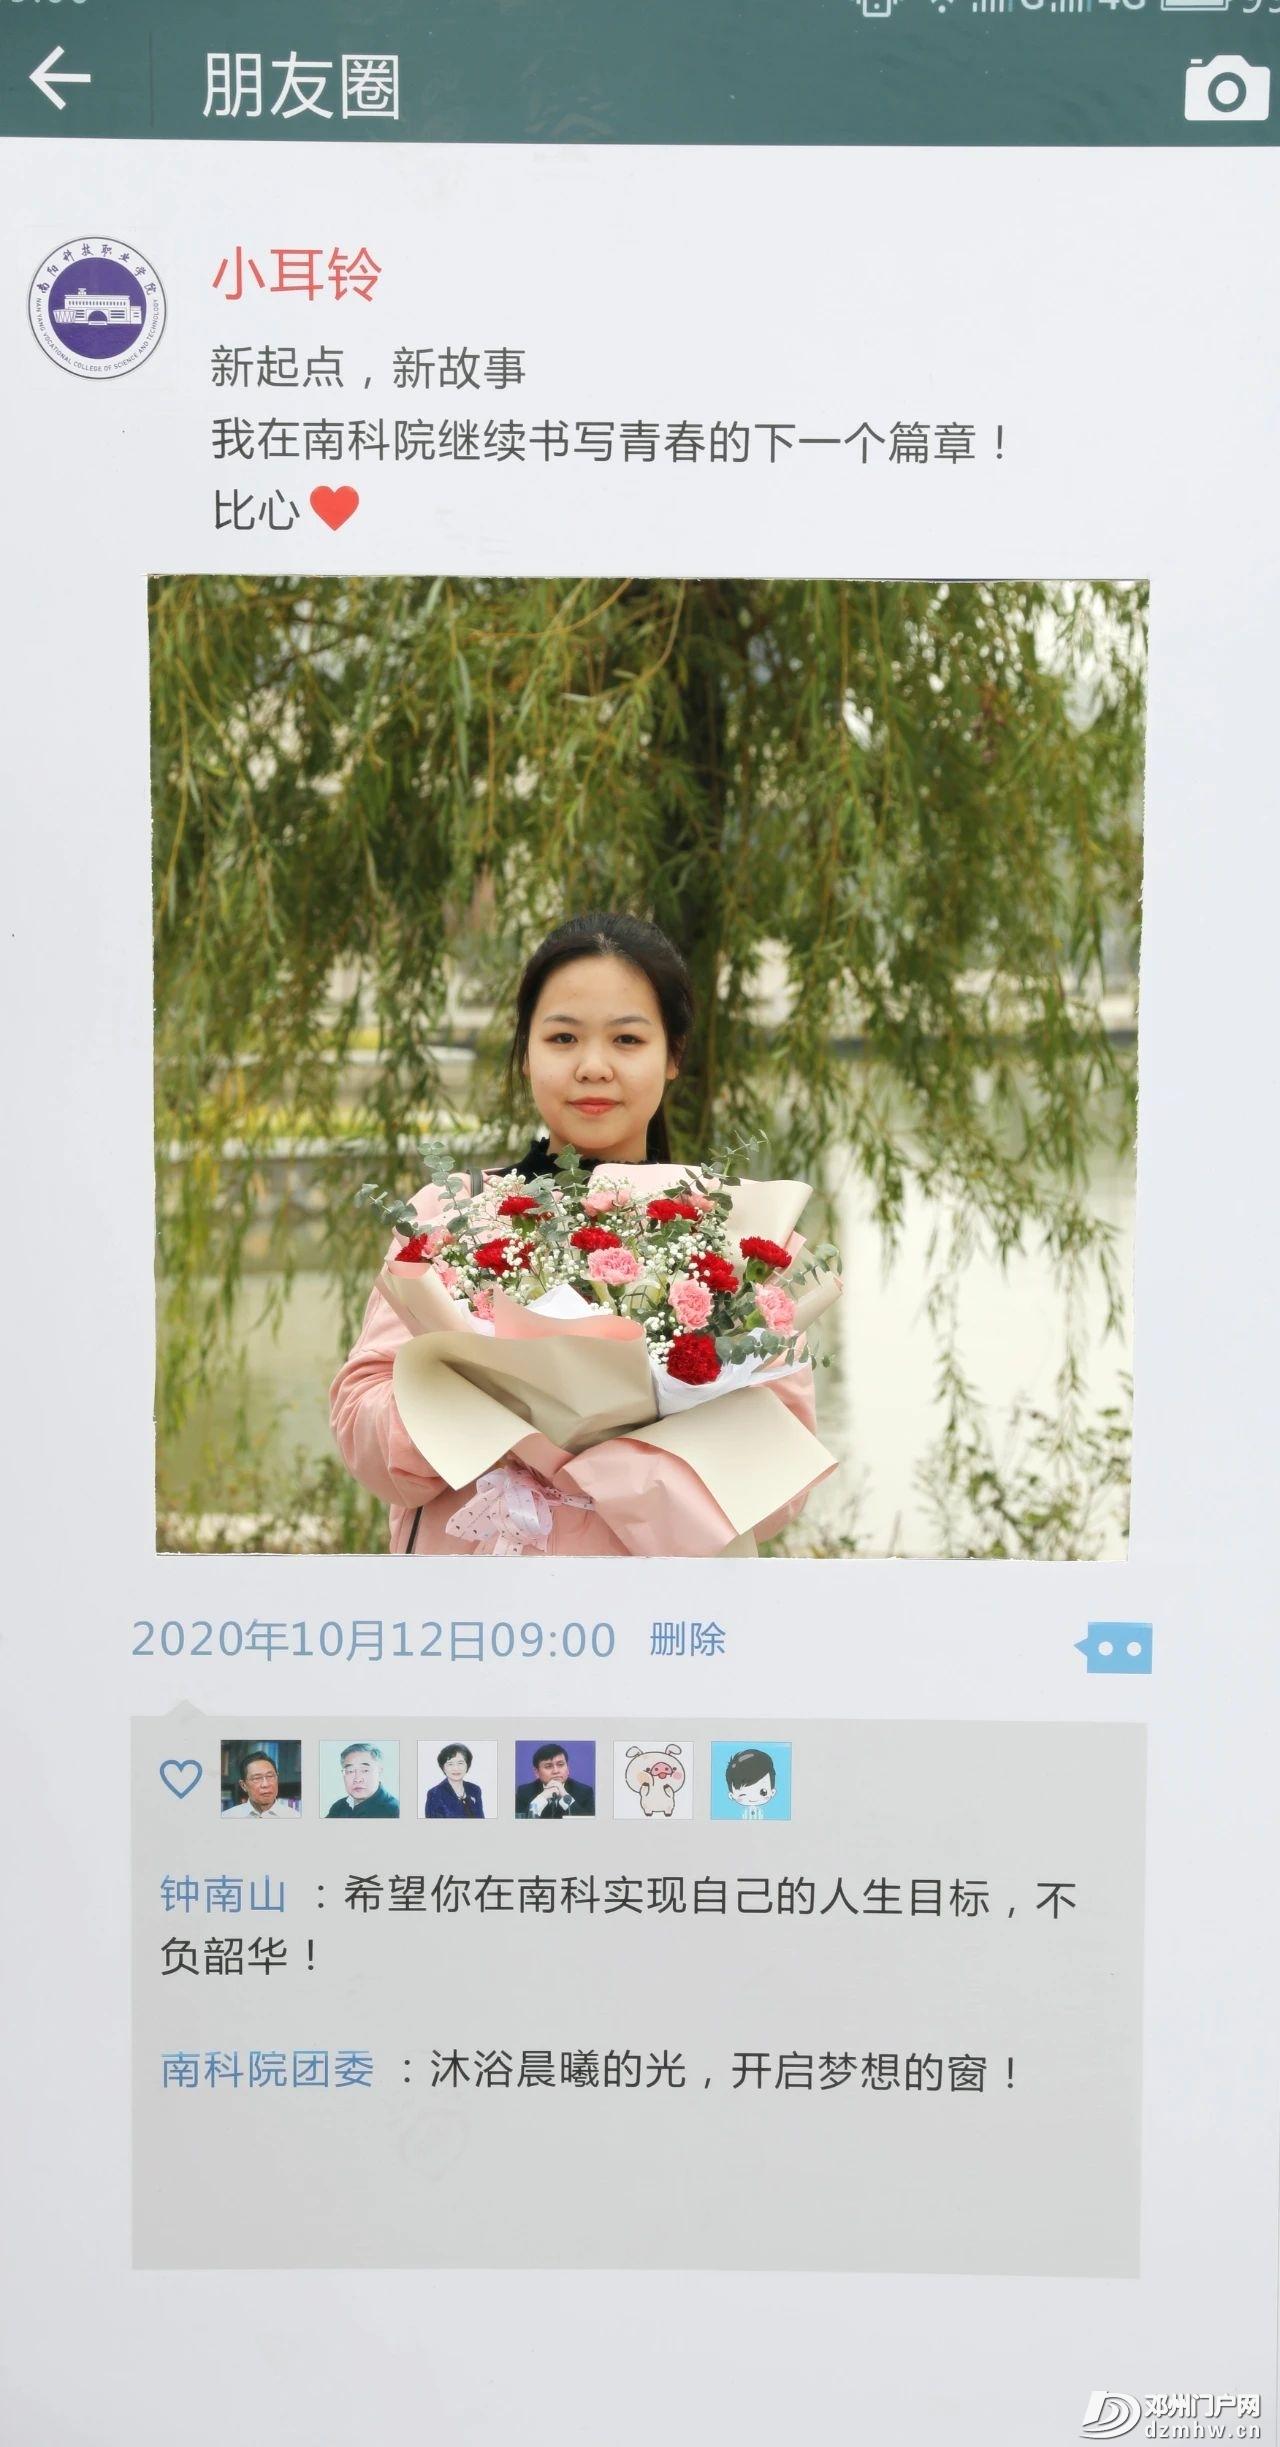 南阳科技职业学院喜迎2020级新同学! - 邓州门户网|邓州网 - ff51fb57d4c66e507c9e075eeb95b16b.jpg